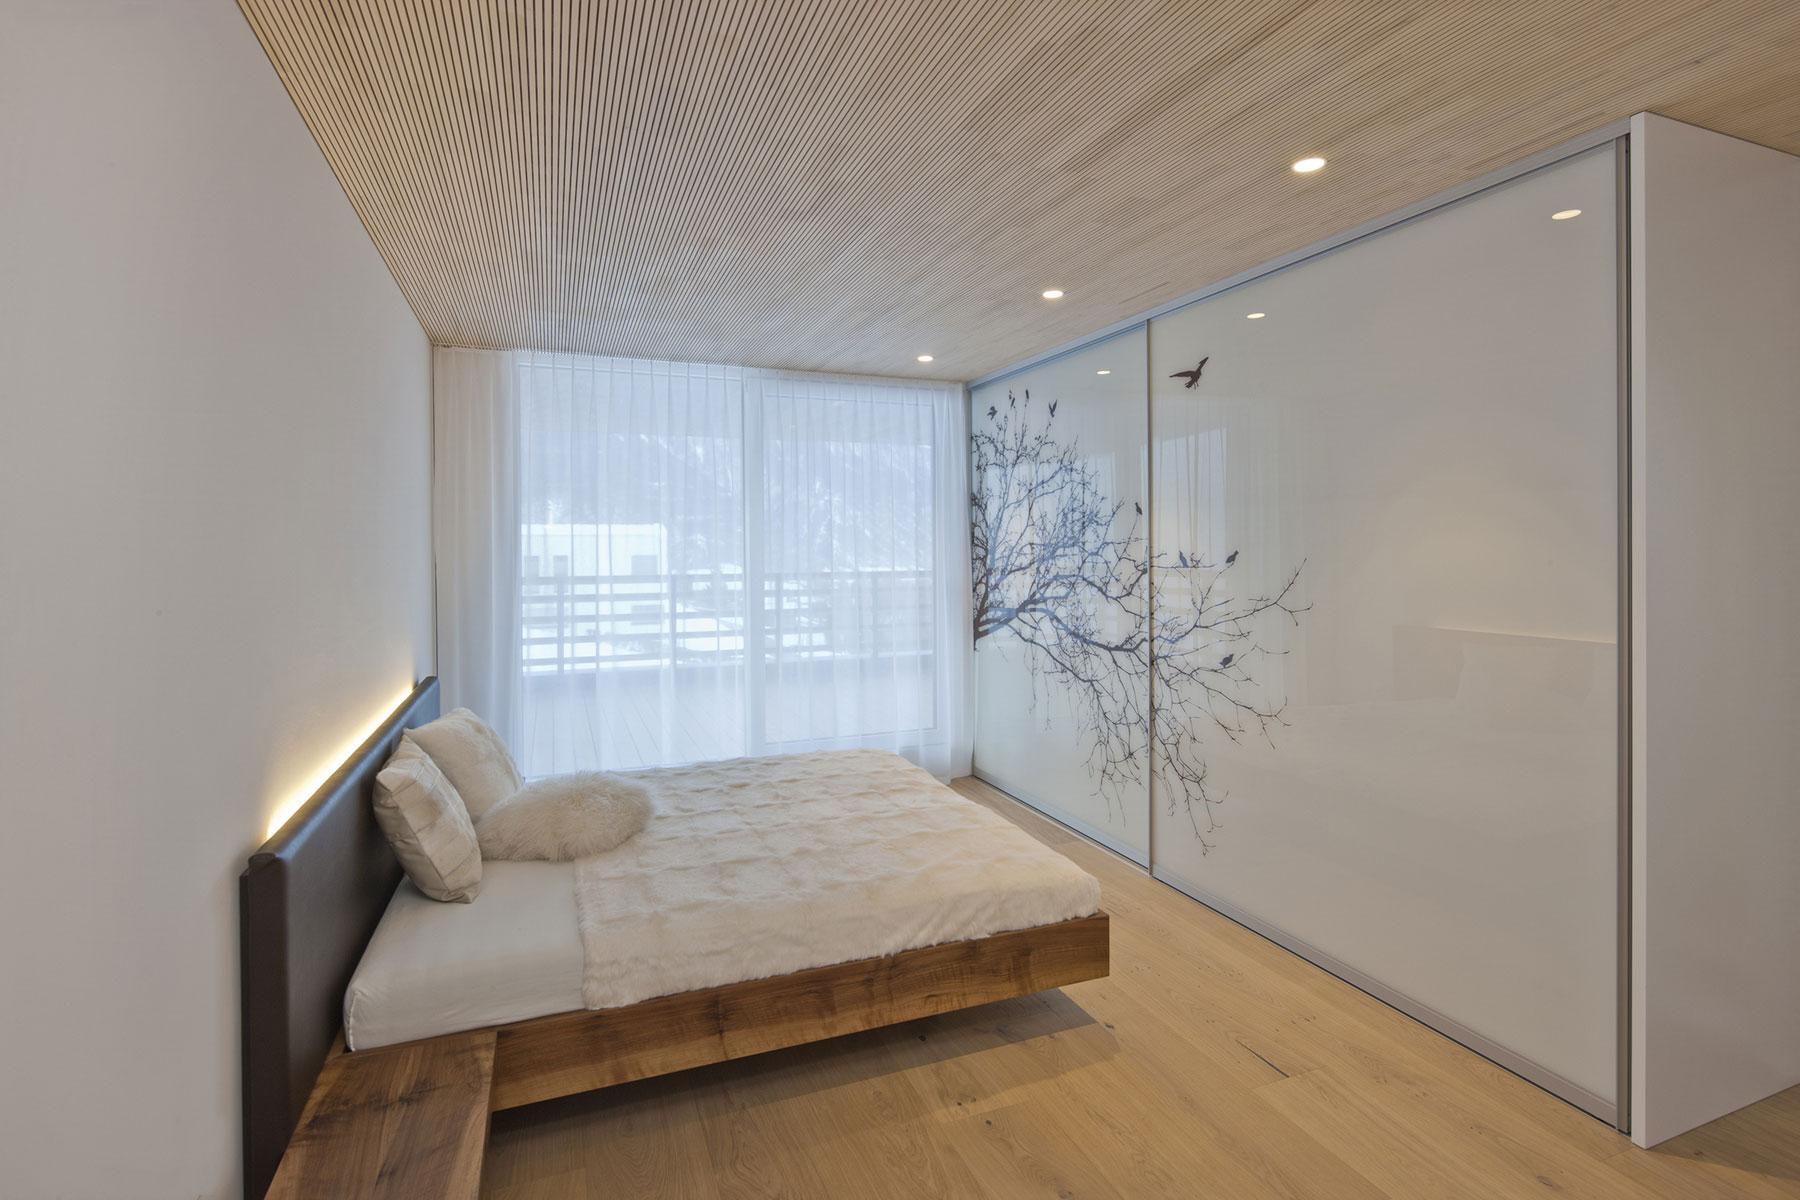 Уютный современный дом в стиле минимализма в горах Швейцарии